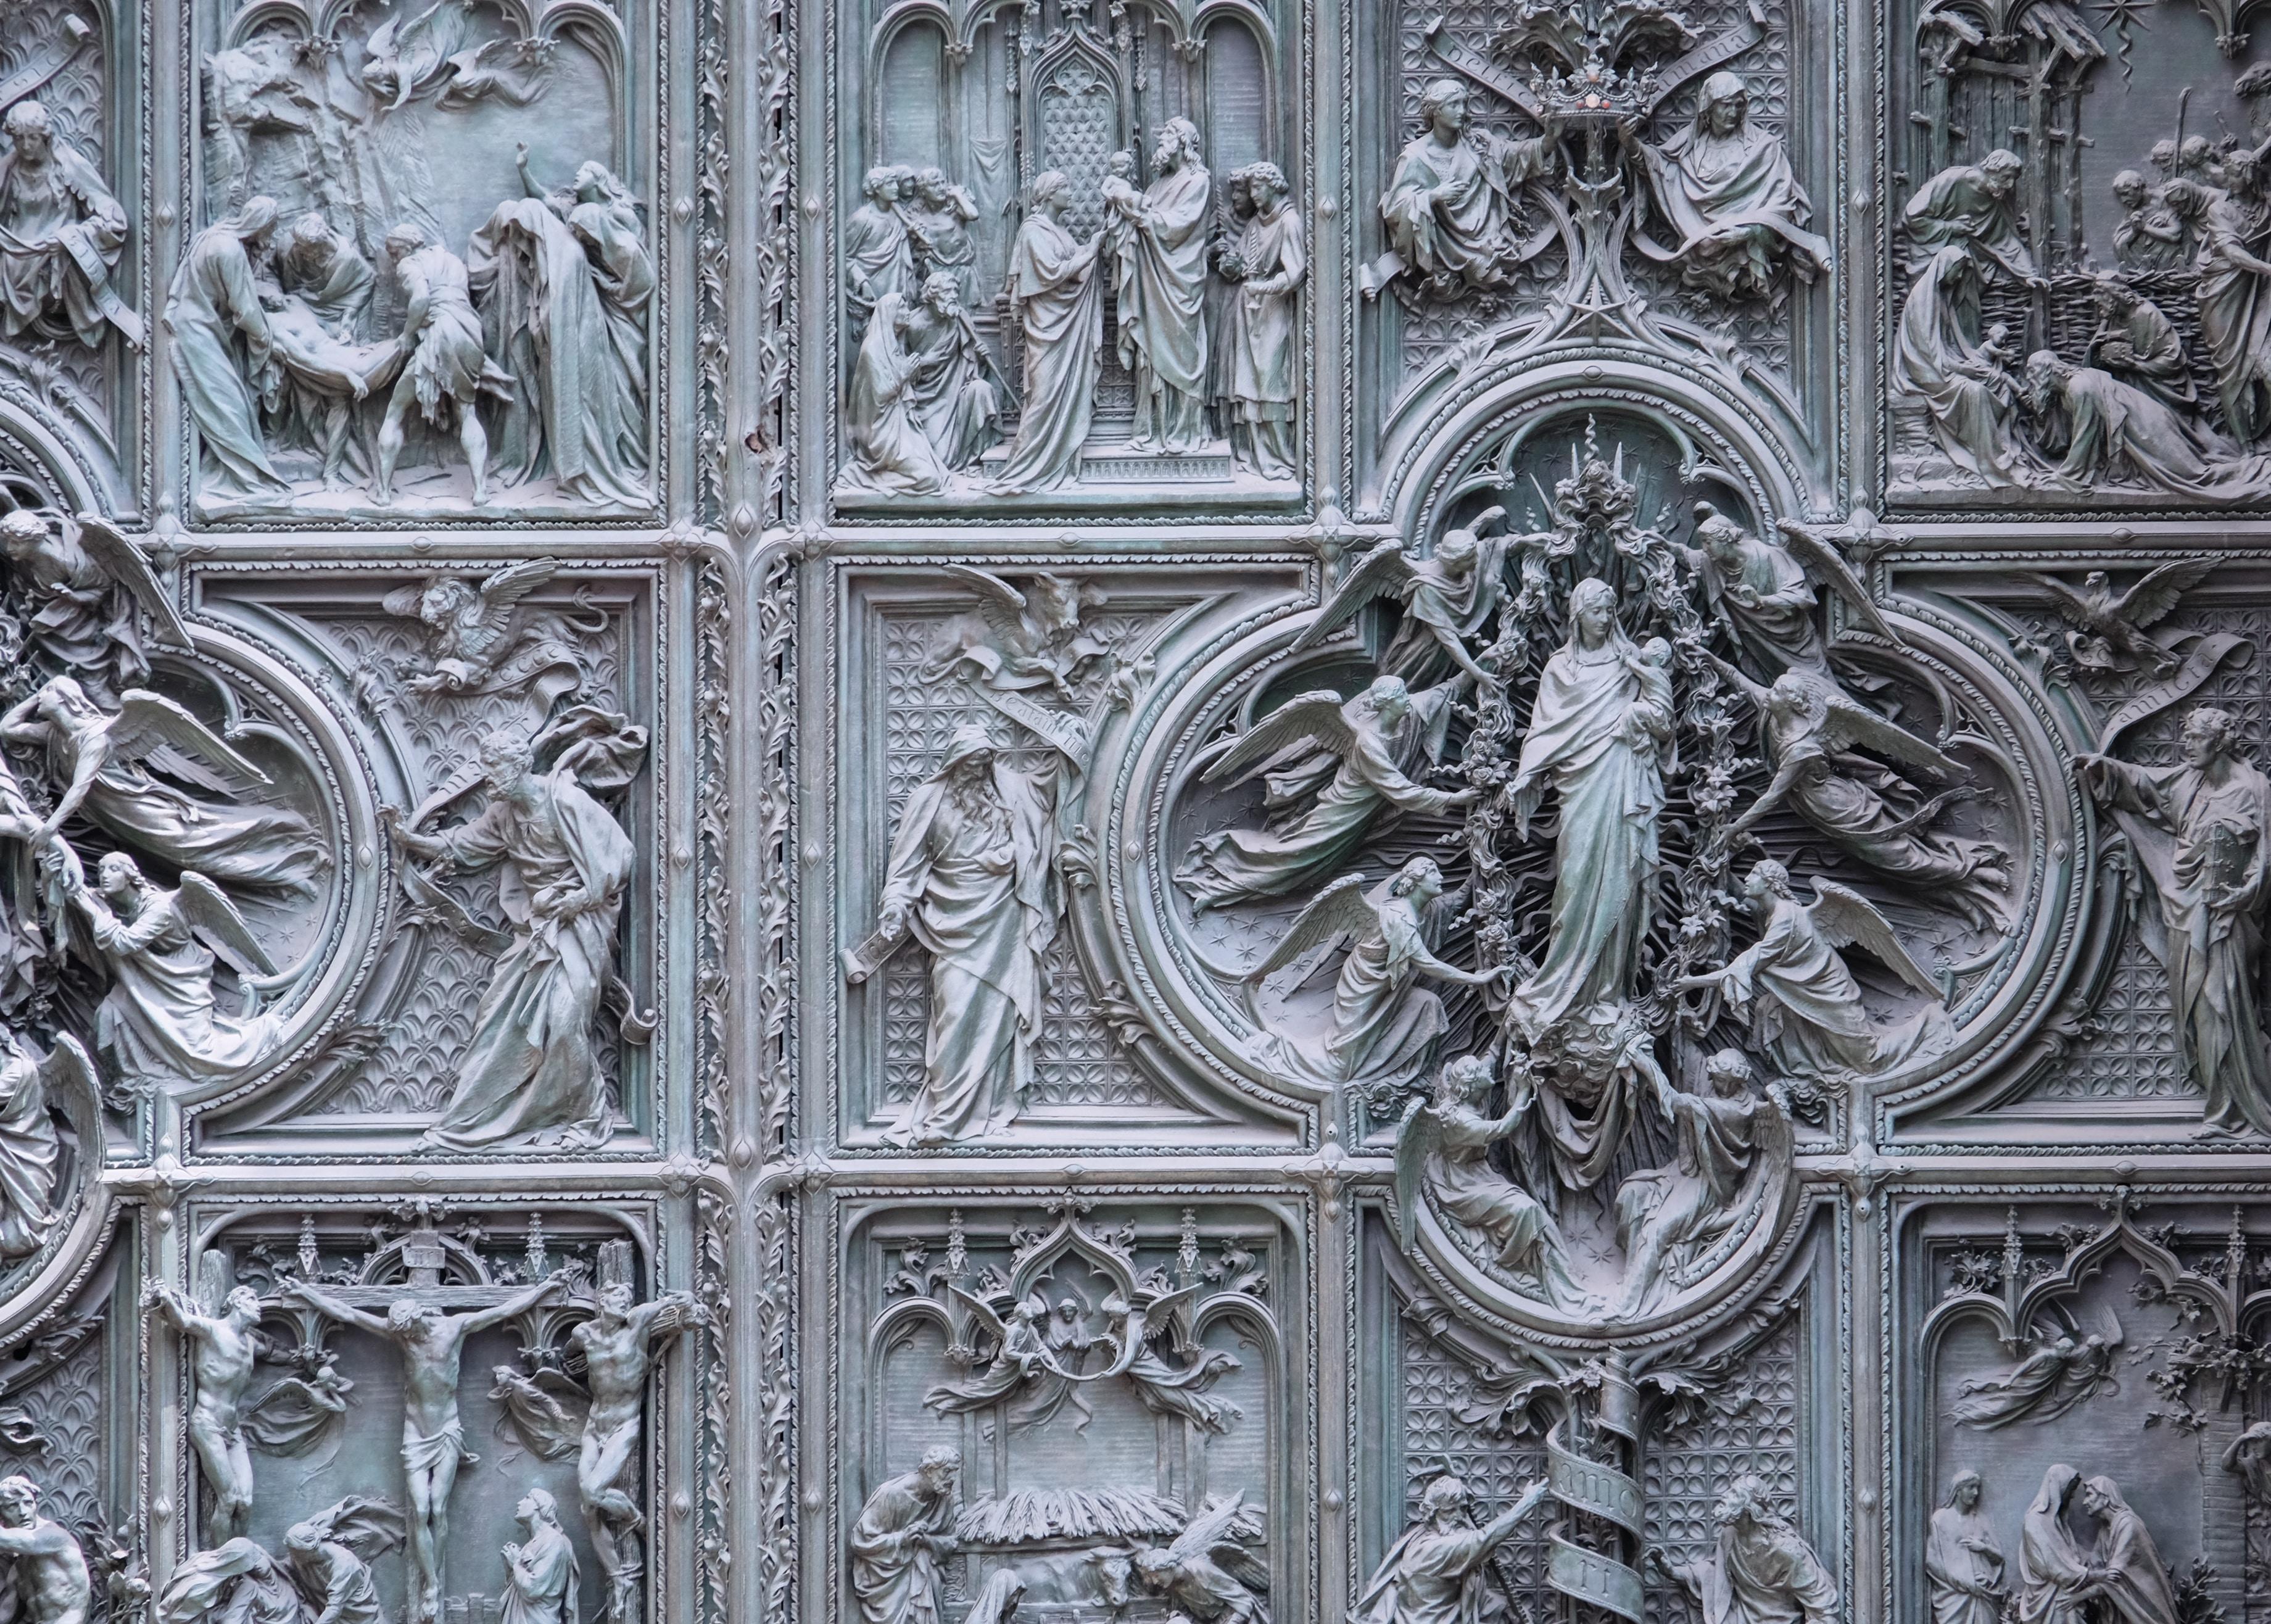 religious figure decor